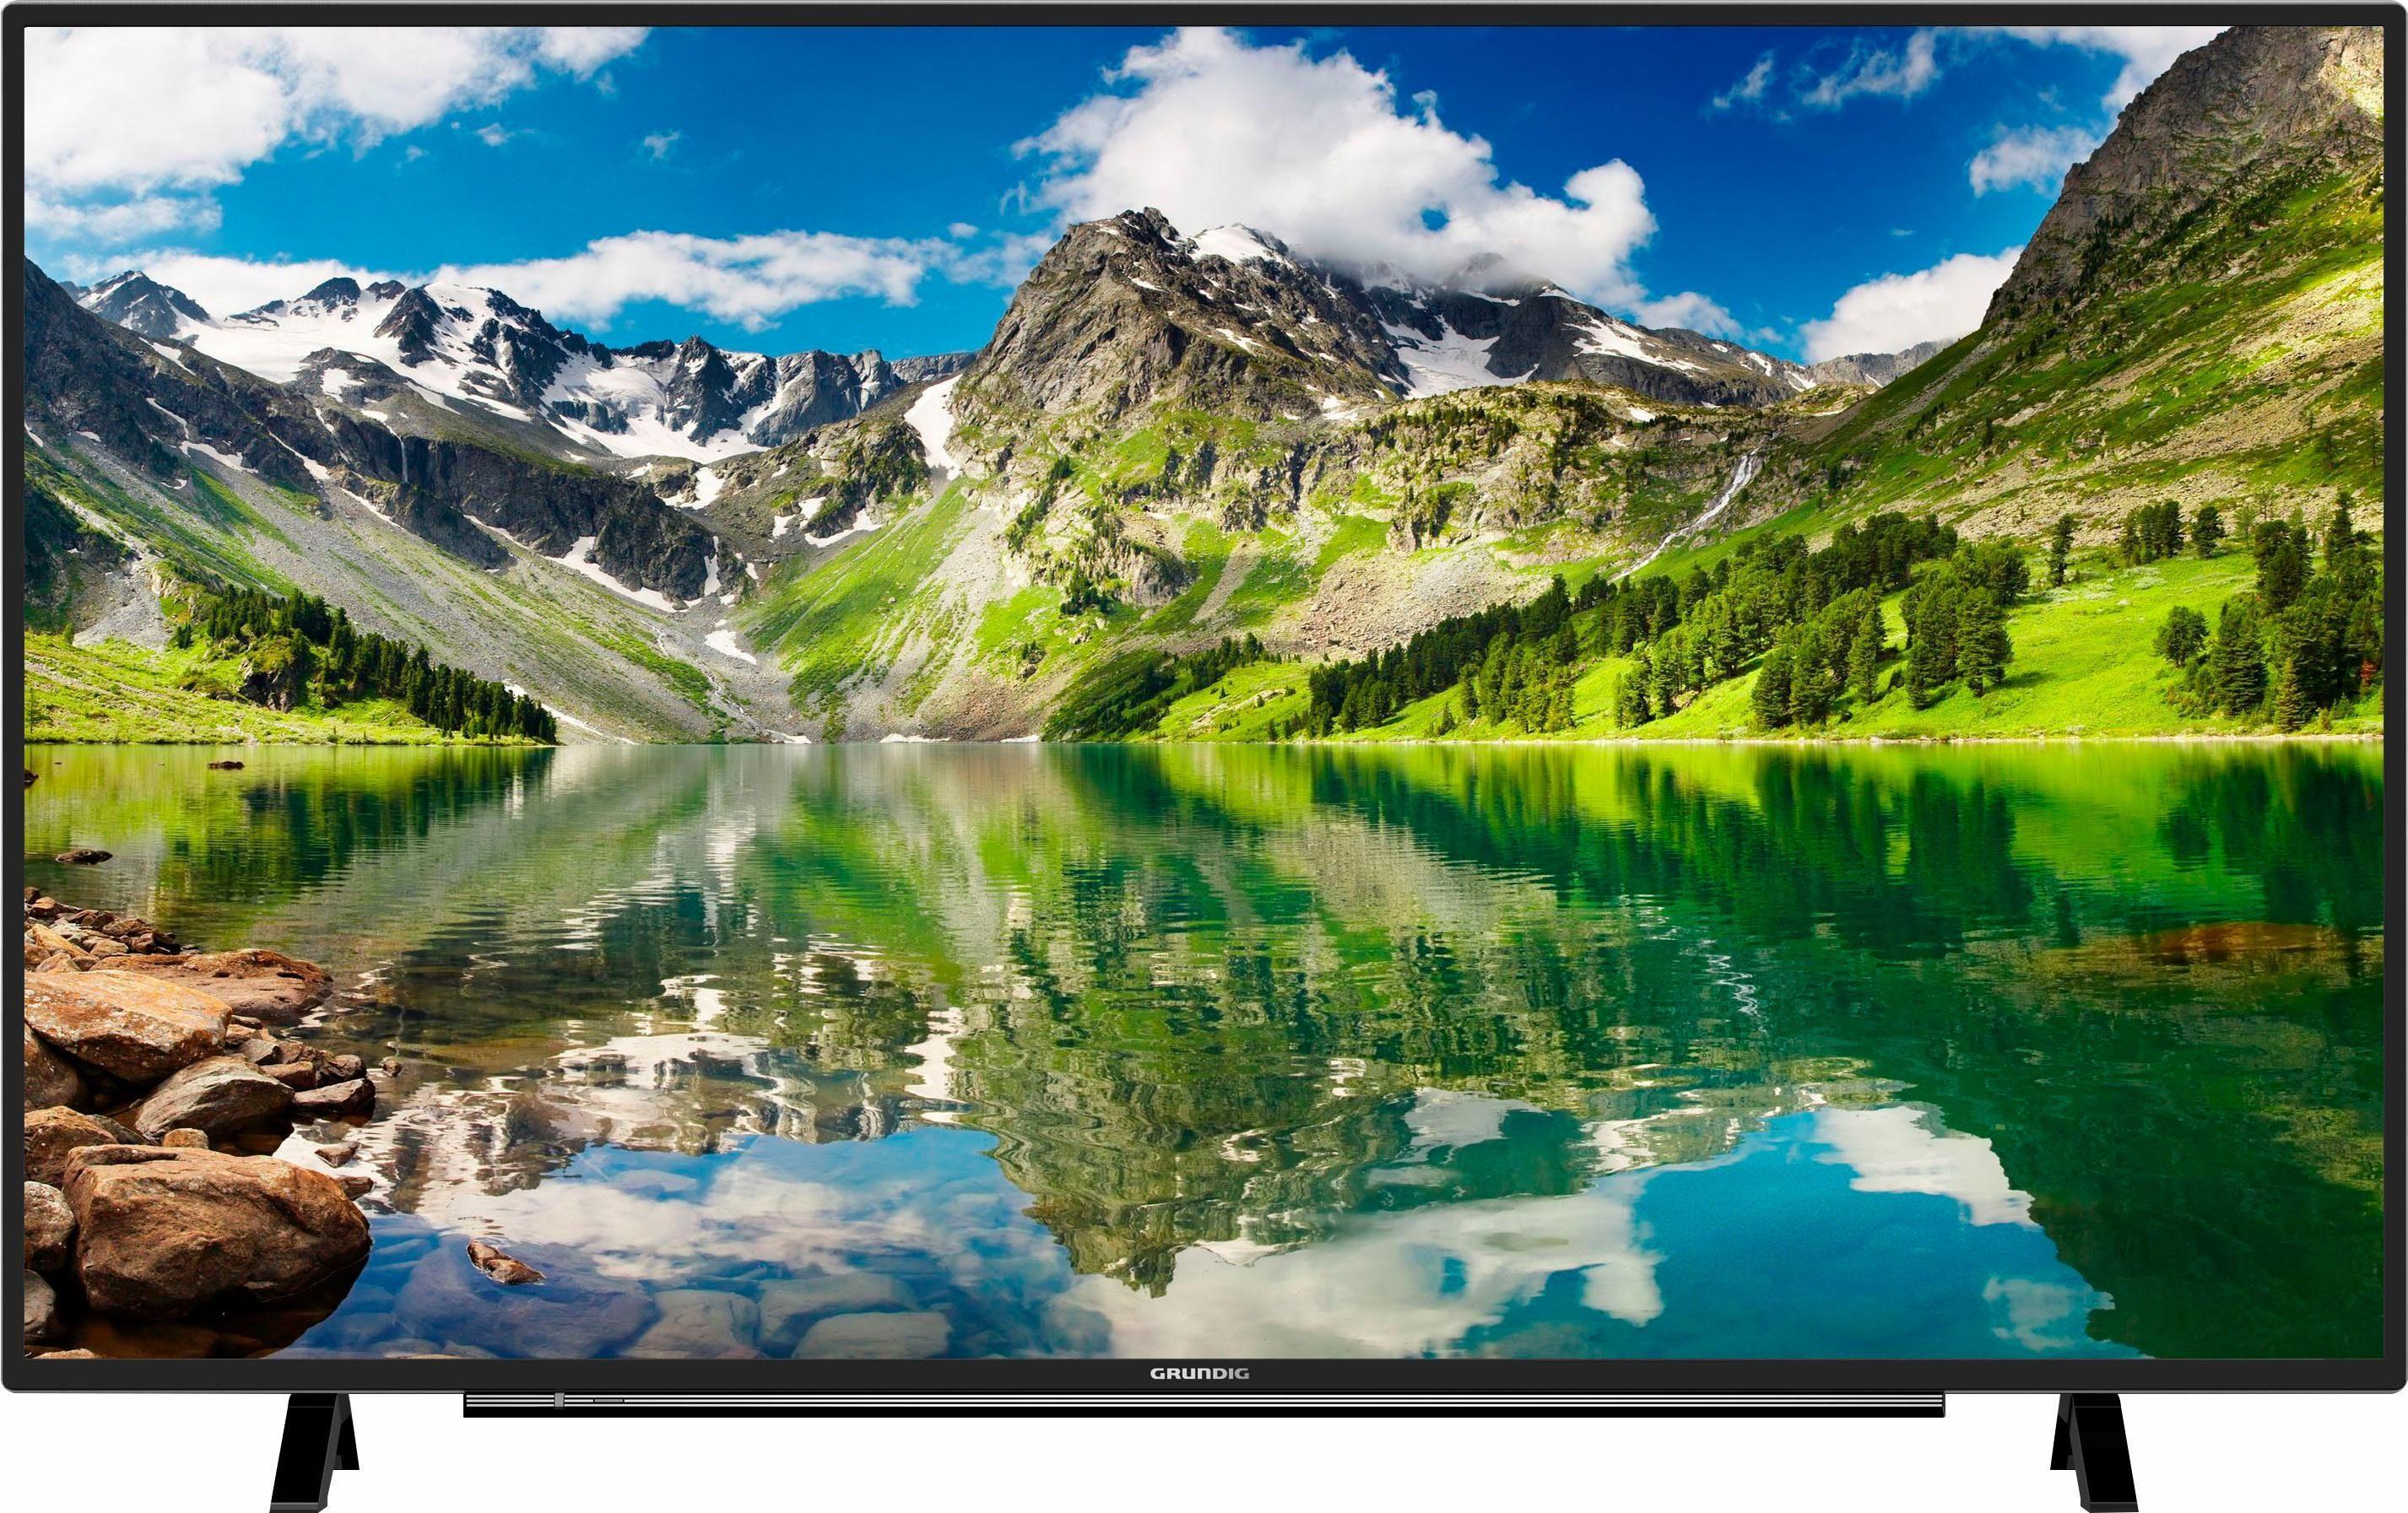 Grundig 55 VLX 7000 BP LED Fernseher (139 cm/55 Zoll, UHD/4k, Smart-TV) inkl. 36 Monate Garantie